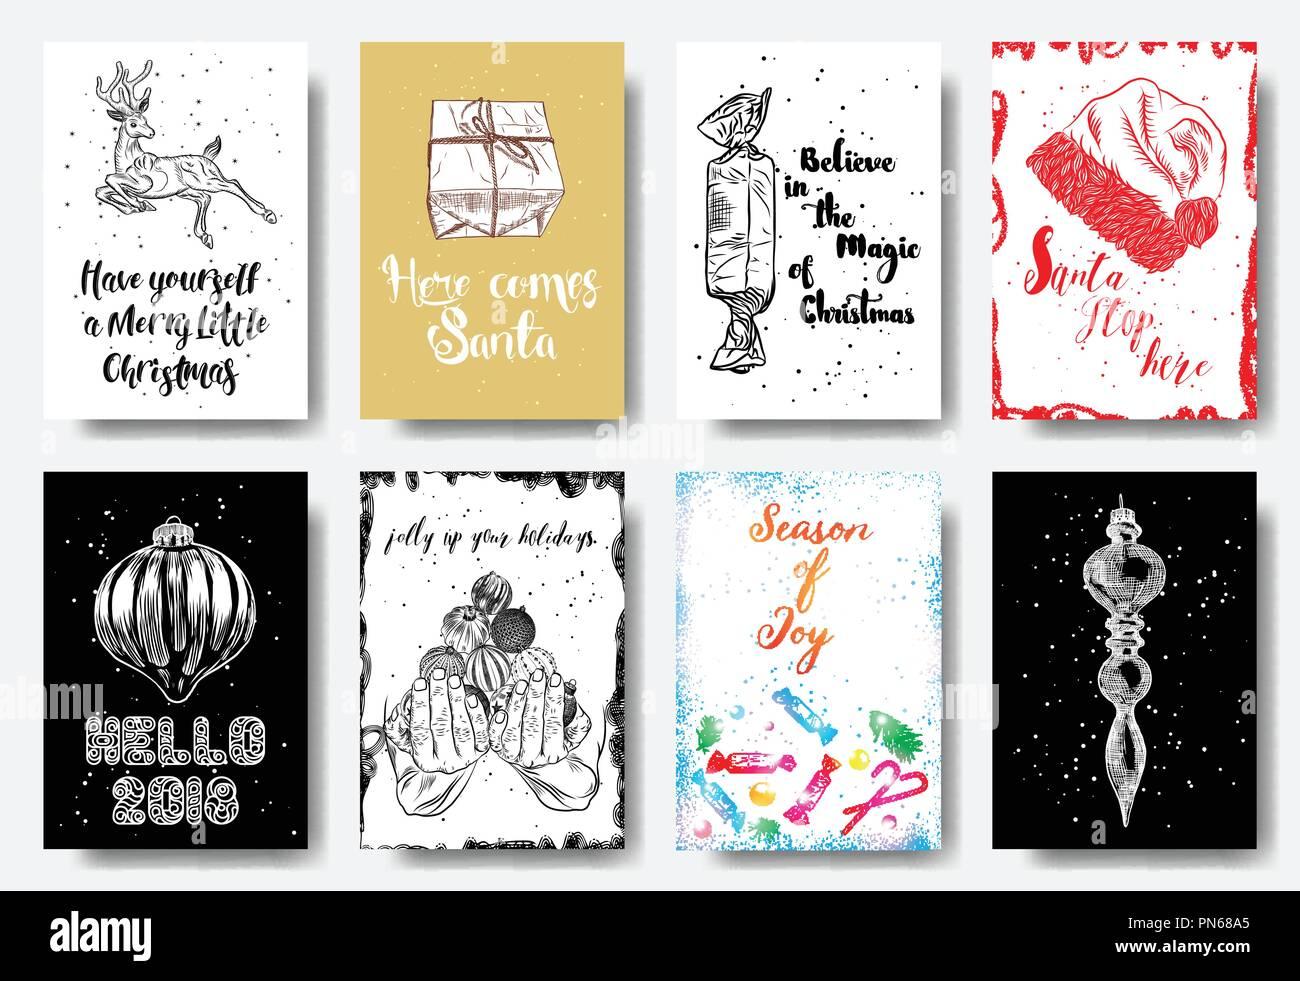 Kreative Weihnachtskarten.Satz Von 8 Kreative Weihnachtskarten Weihnachten Poster Vorlagen